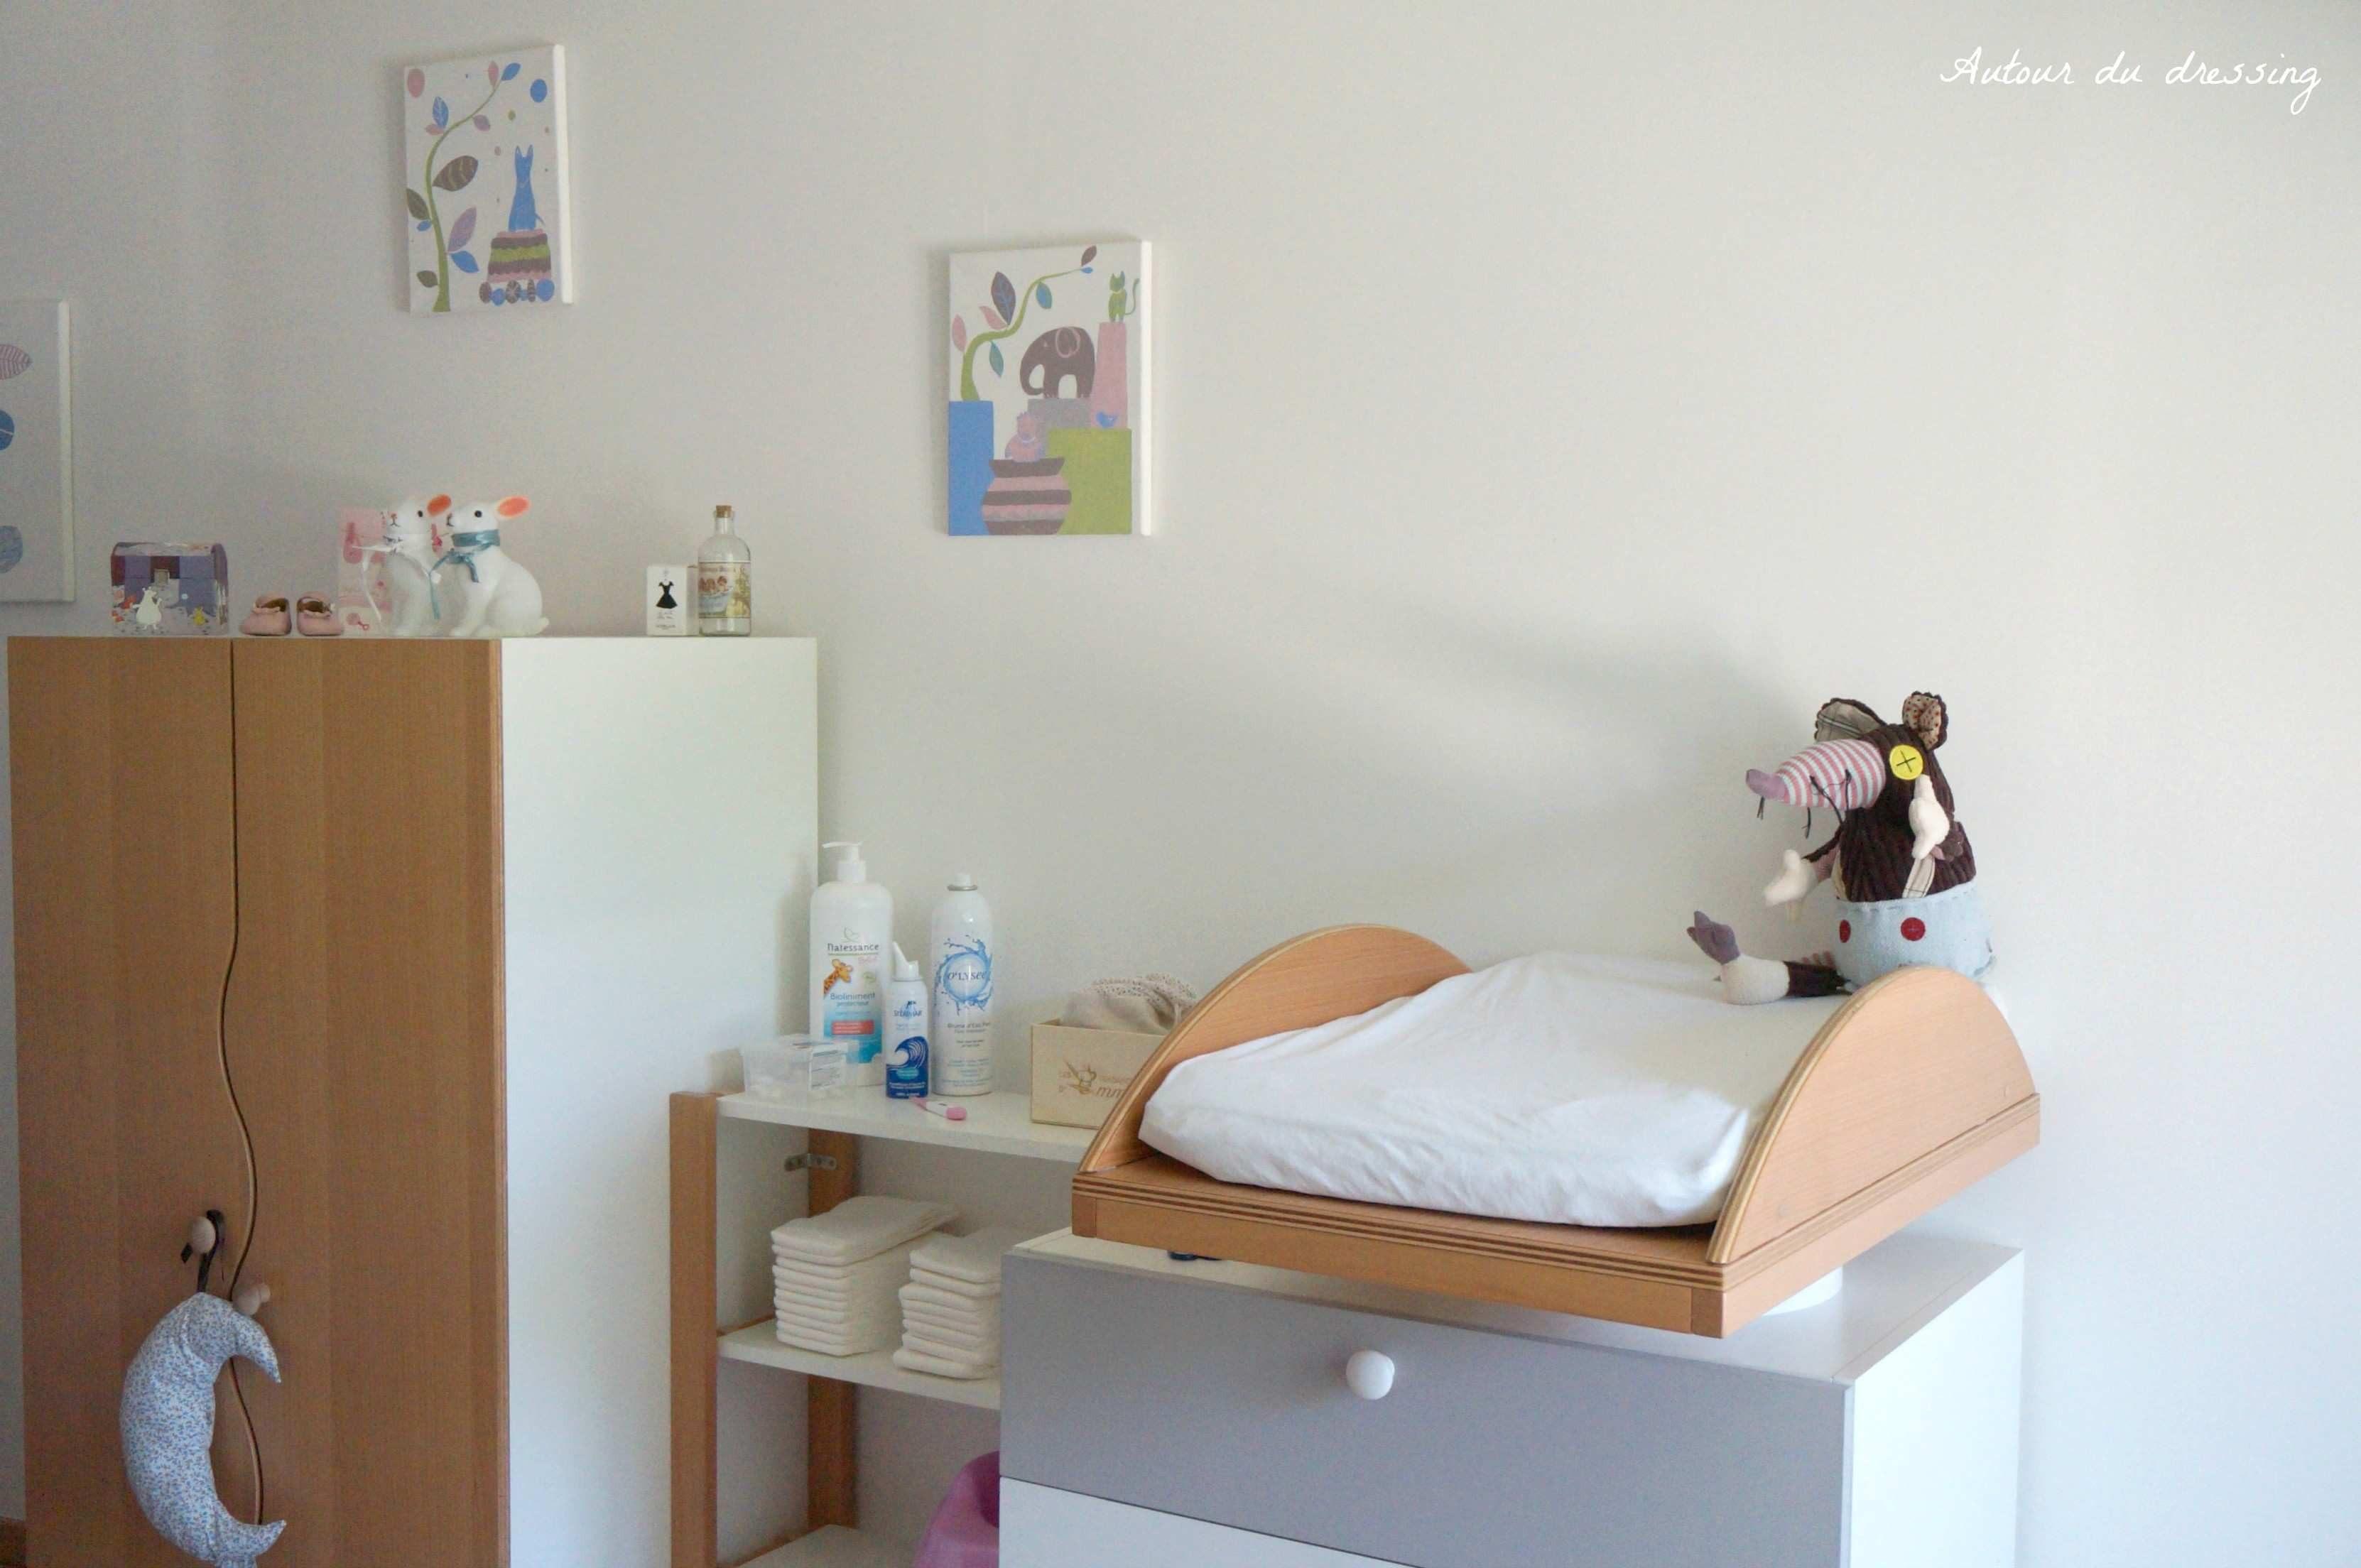 Lit Bébé à Roulettes Inspirant Meuble Chambre Bébé Cadre Pour Chambre Bébé Parc B C3 A9b C3 A9 Gris